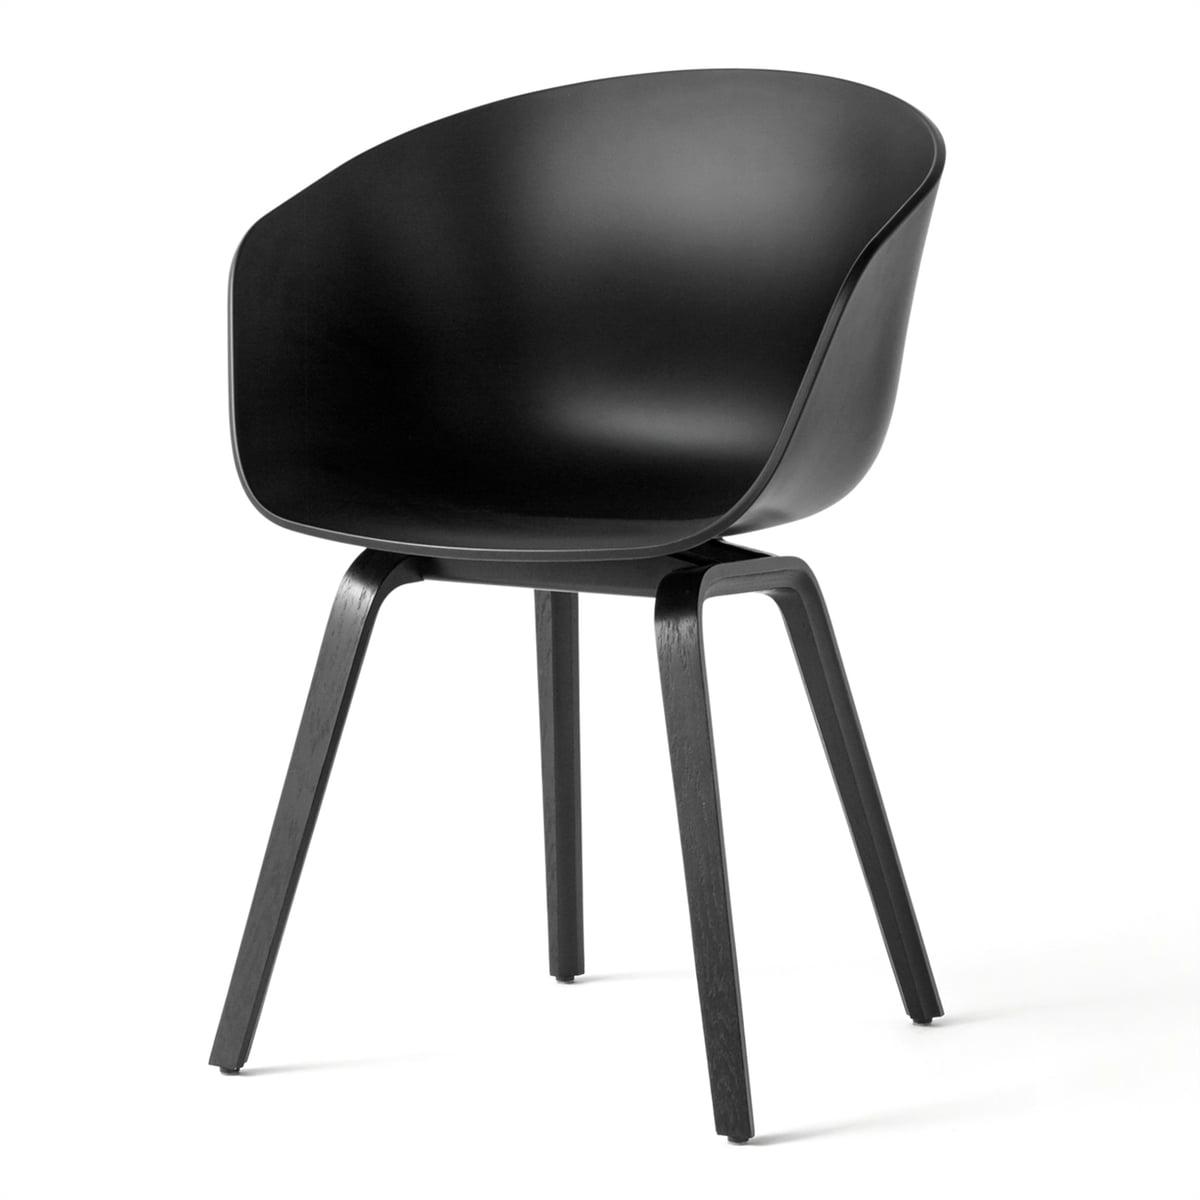 Schön Hay   About A Chair